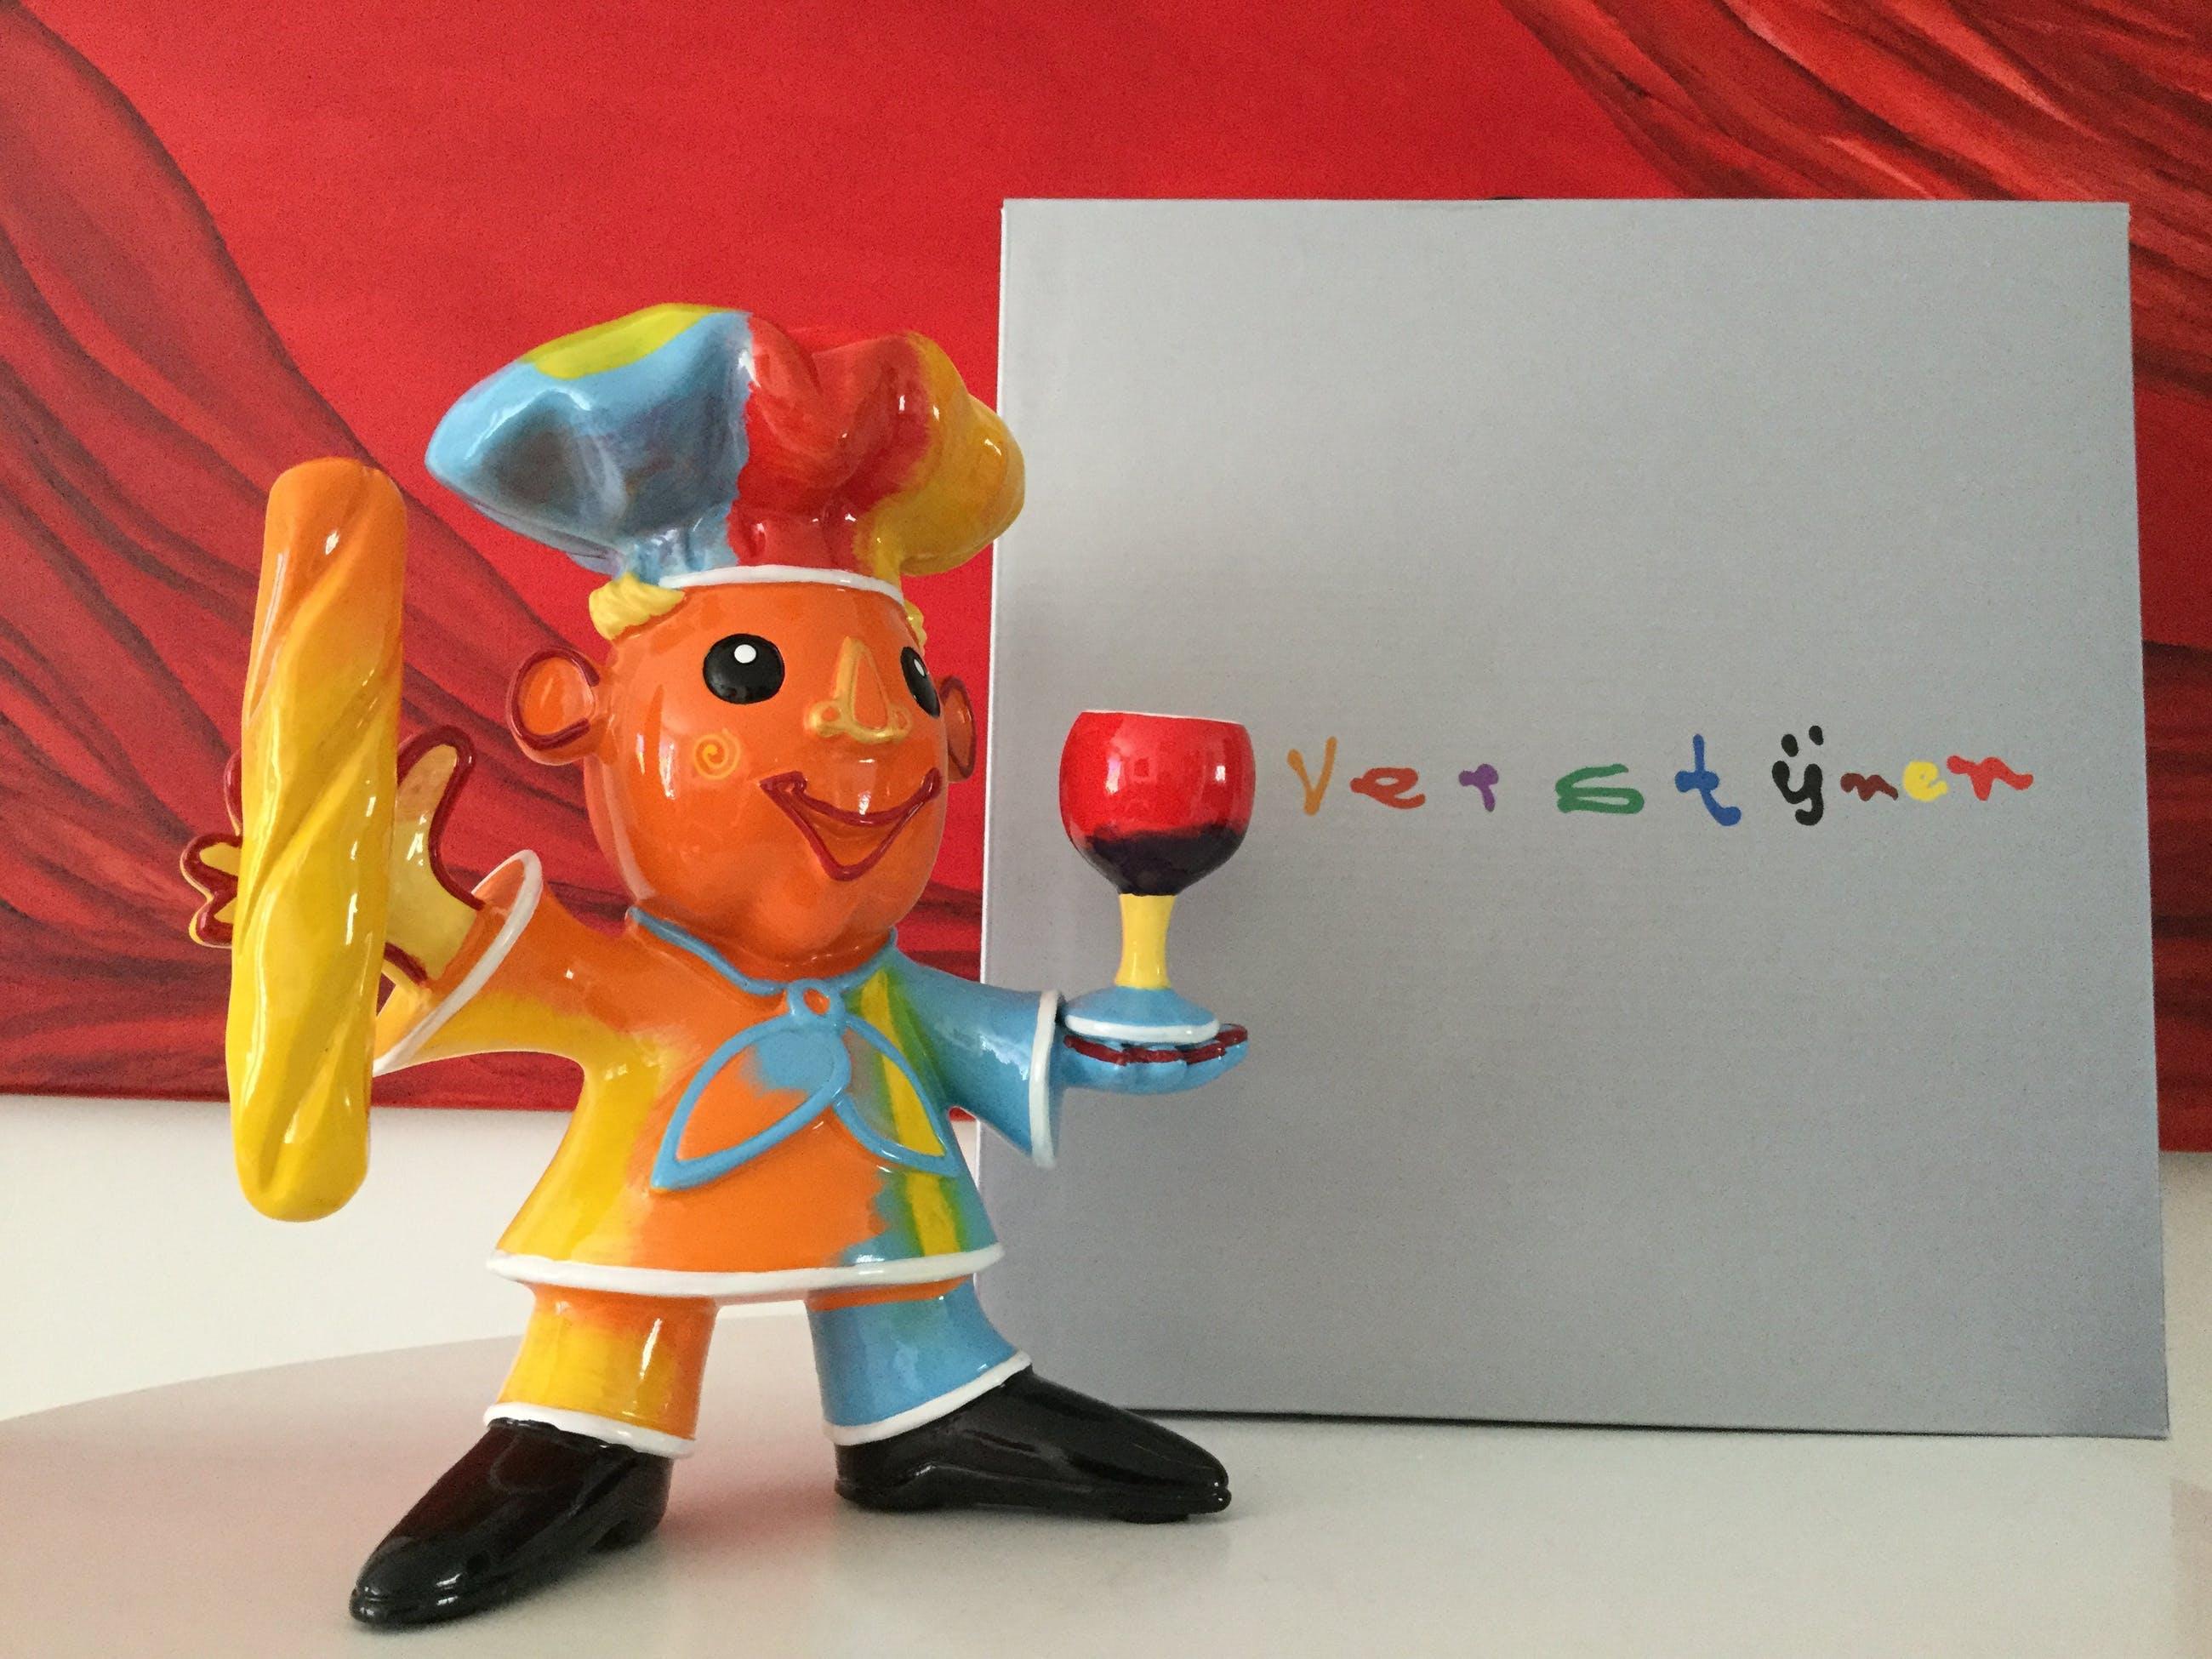 Ad Verstijnen - Beeld, Crazy Chef - 200 ex - 2017 kopen? Bied vanaf 45!